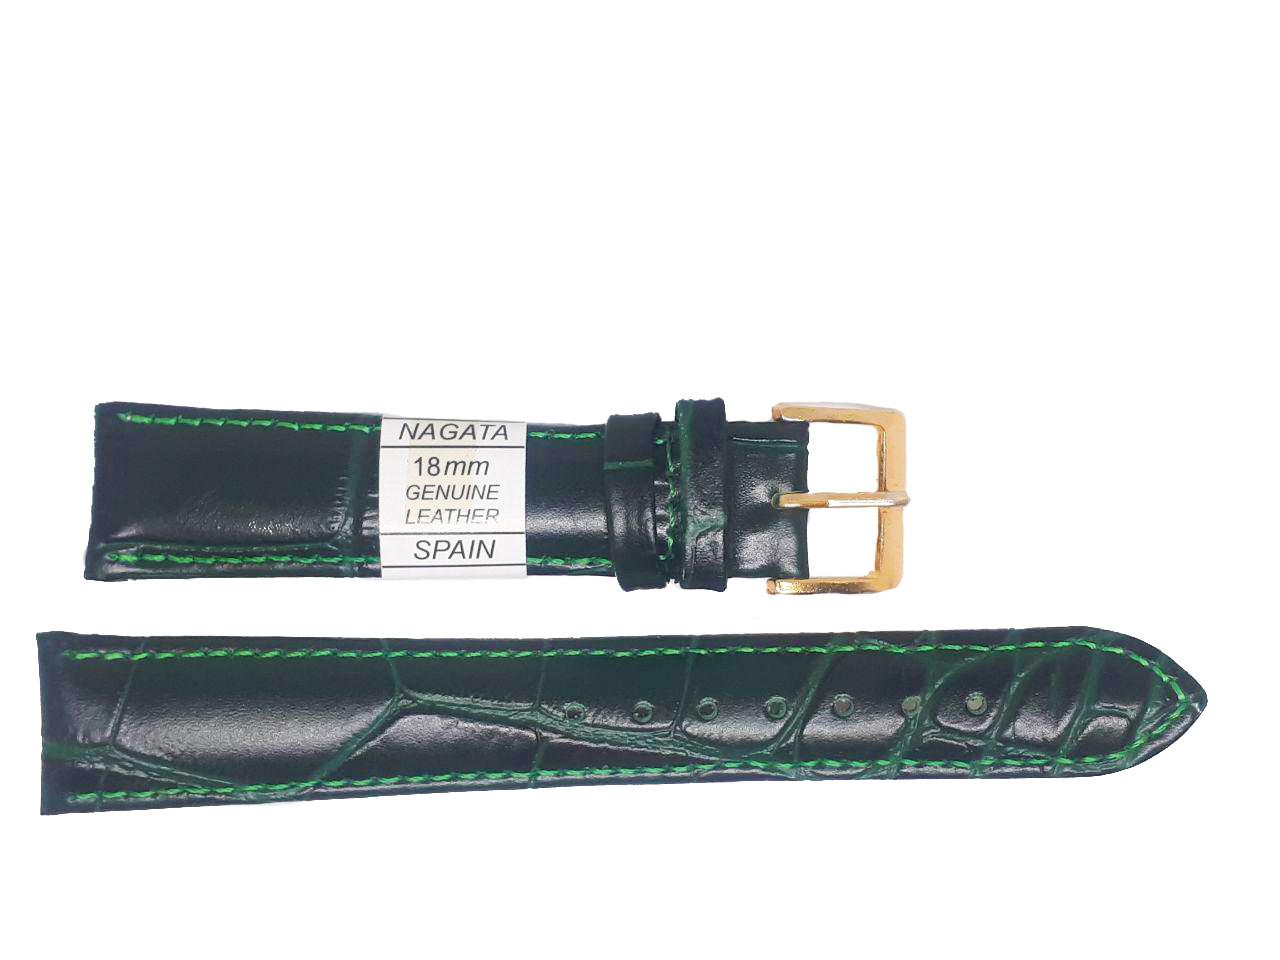 """Ремешок """"Nagata"""" 18mm темно-зеленый"""